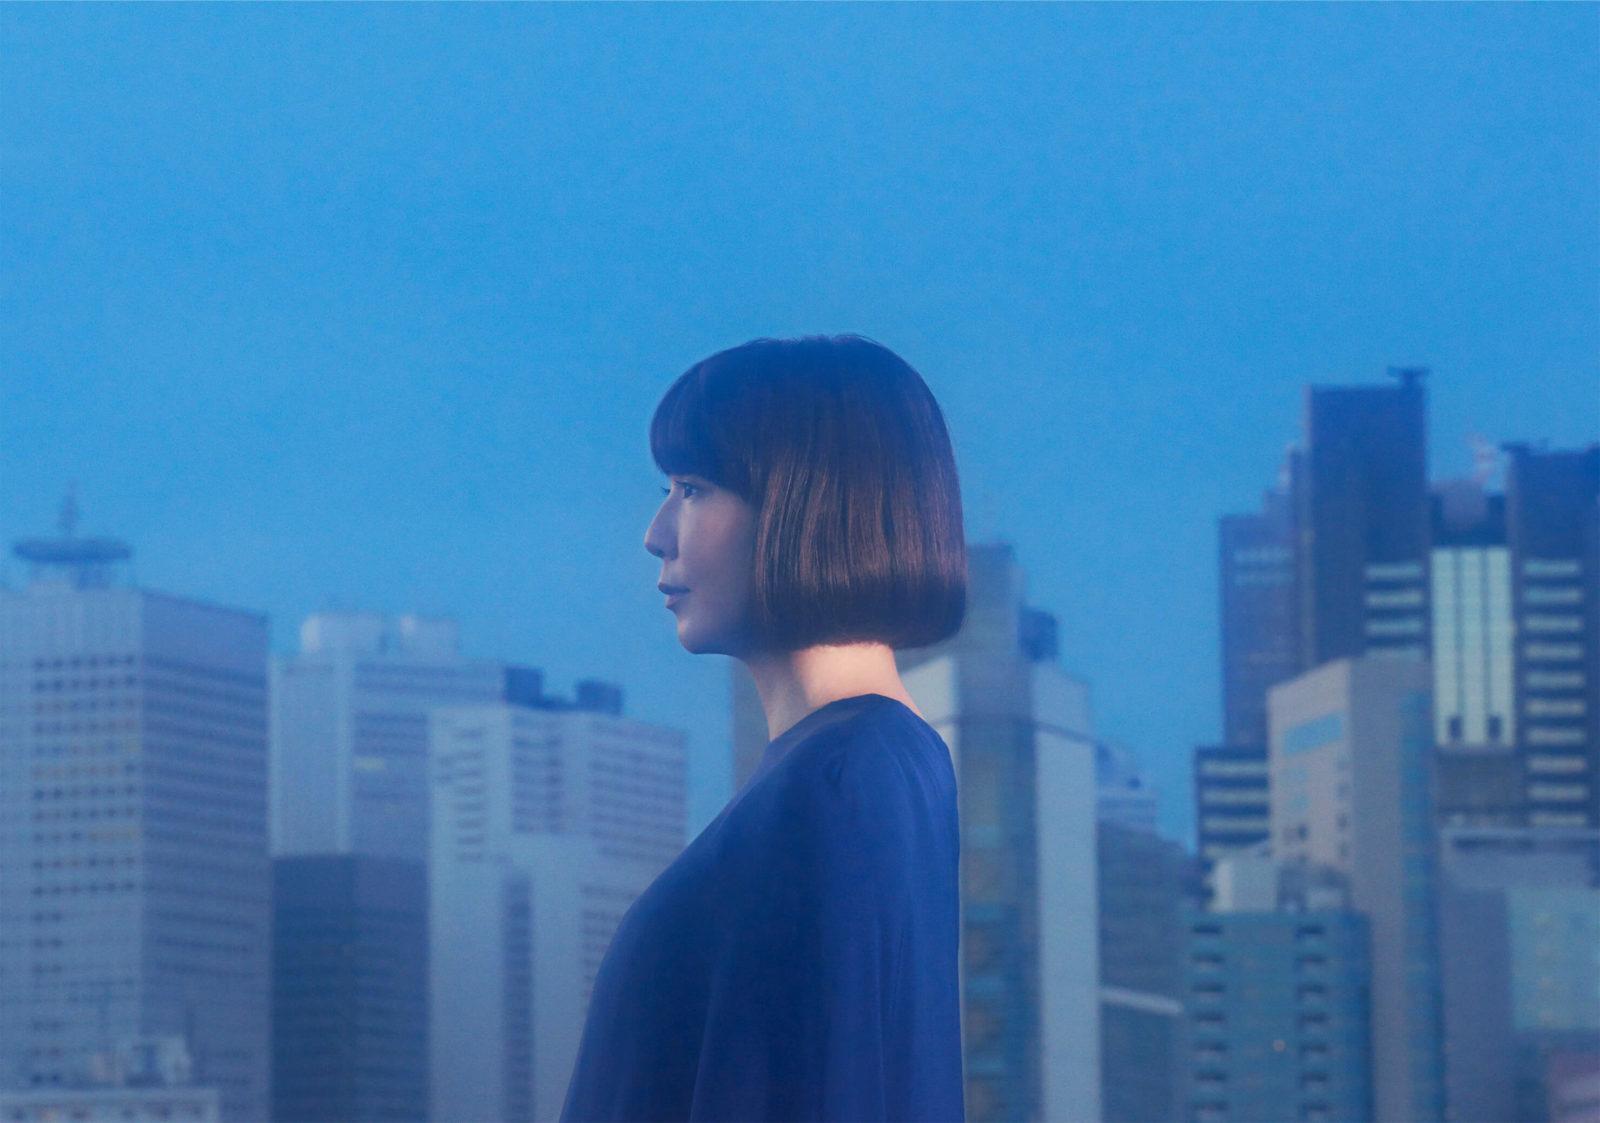 土岐麻子、NEW ALリード曲「美しい顔」のミュージックビデオを公開サムネイル画像